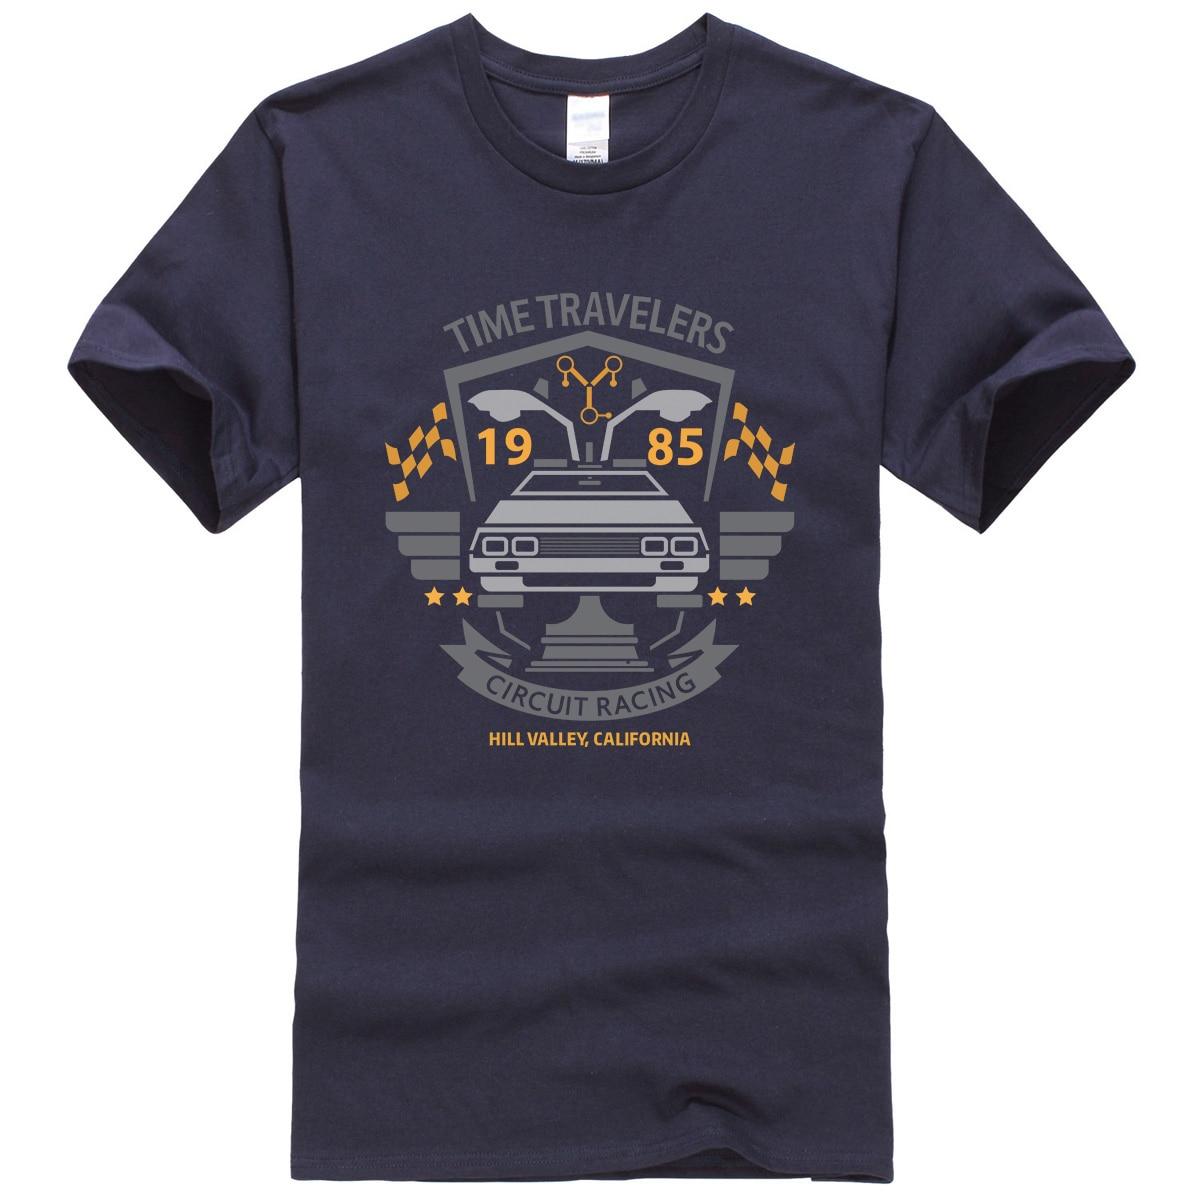 Zurück In Die Zukunft Mode T-shirt Männer 2018 Sommer Kurze Marke Männer T-shirts ZEIT REISENDE Hip Hop T-shirt Harajuku Tops